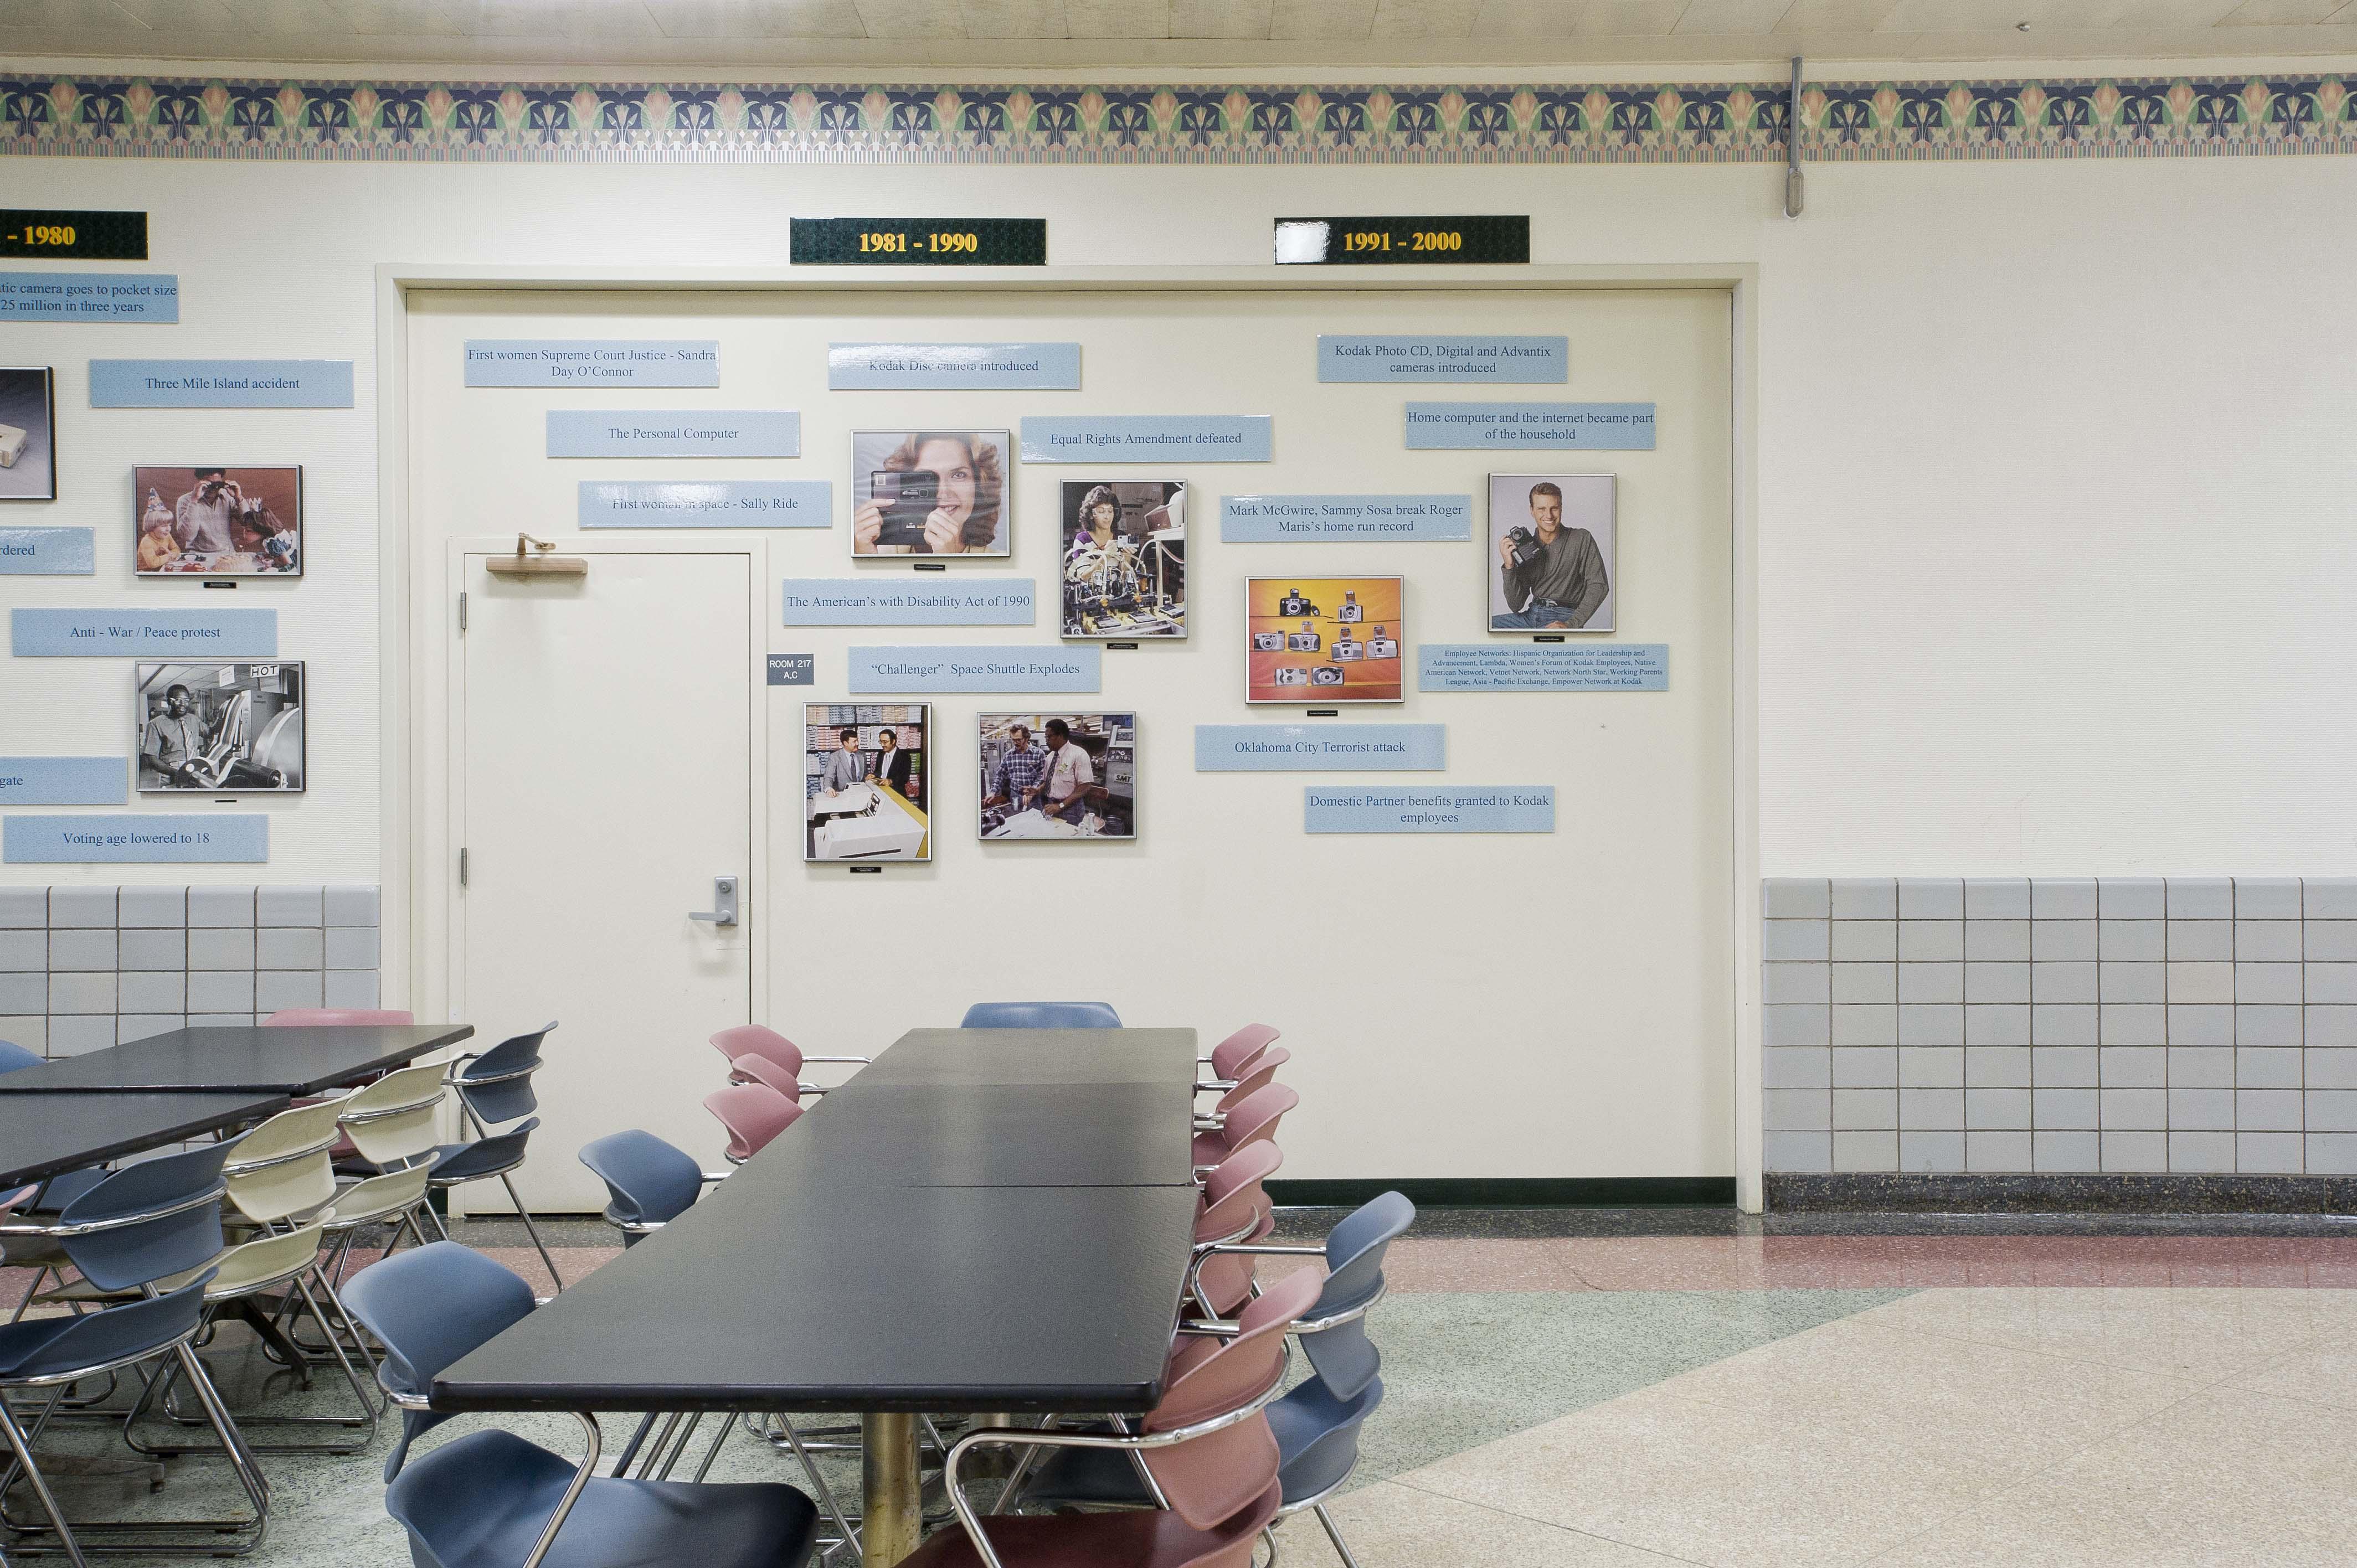 Die Timeline endet in einem Aufenthaltsraum von Kodak im Jahr 2000. Aufgenommen wurde das Foto 2012.